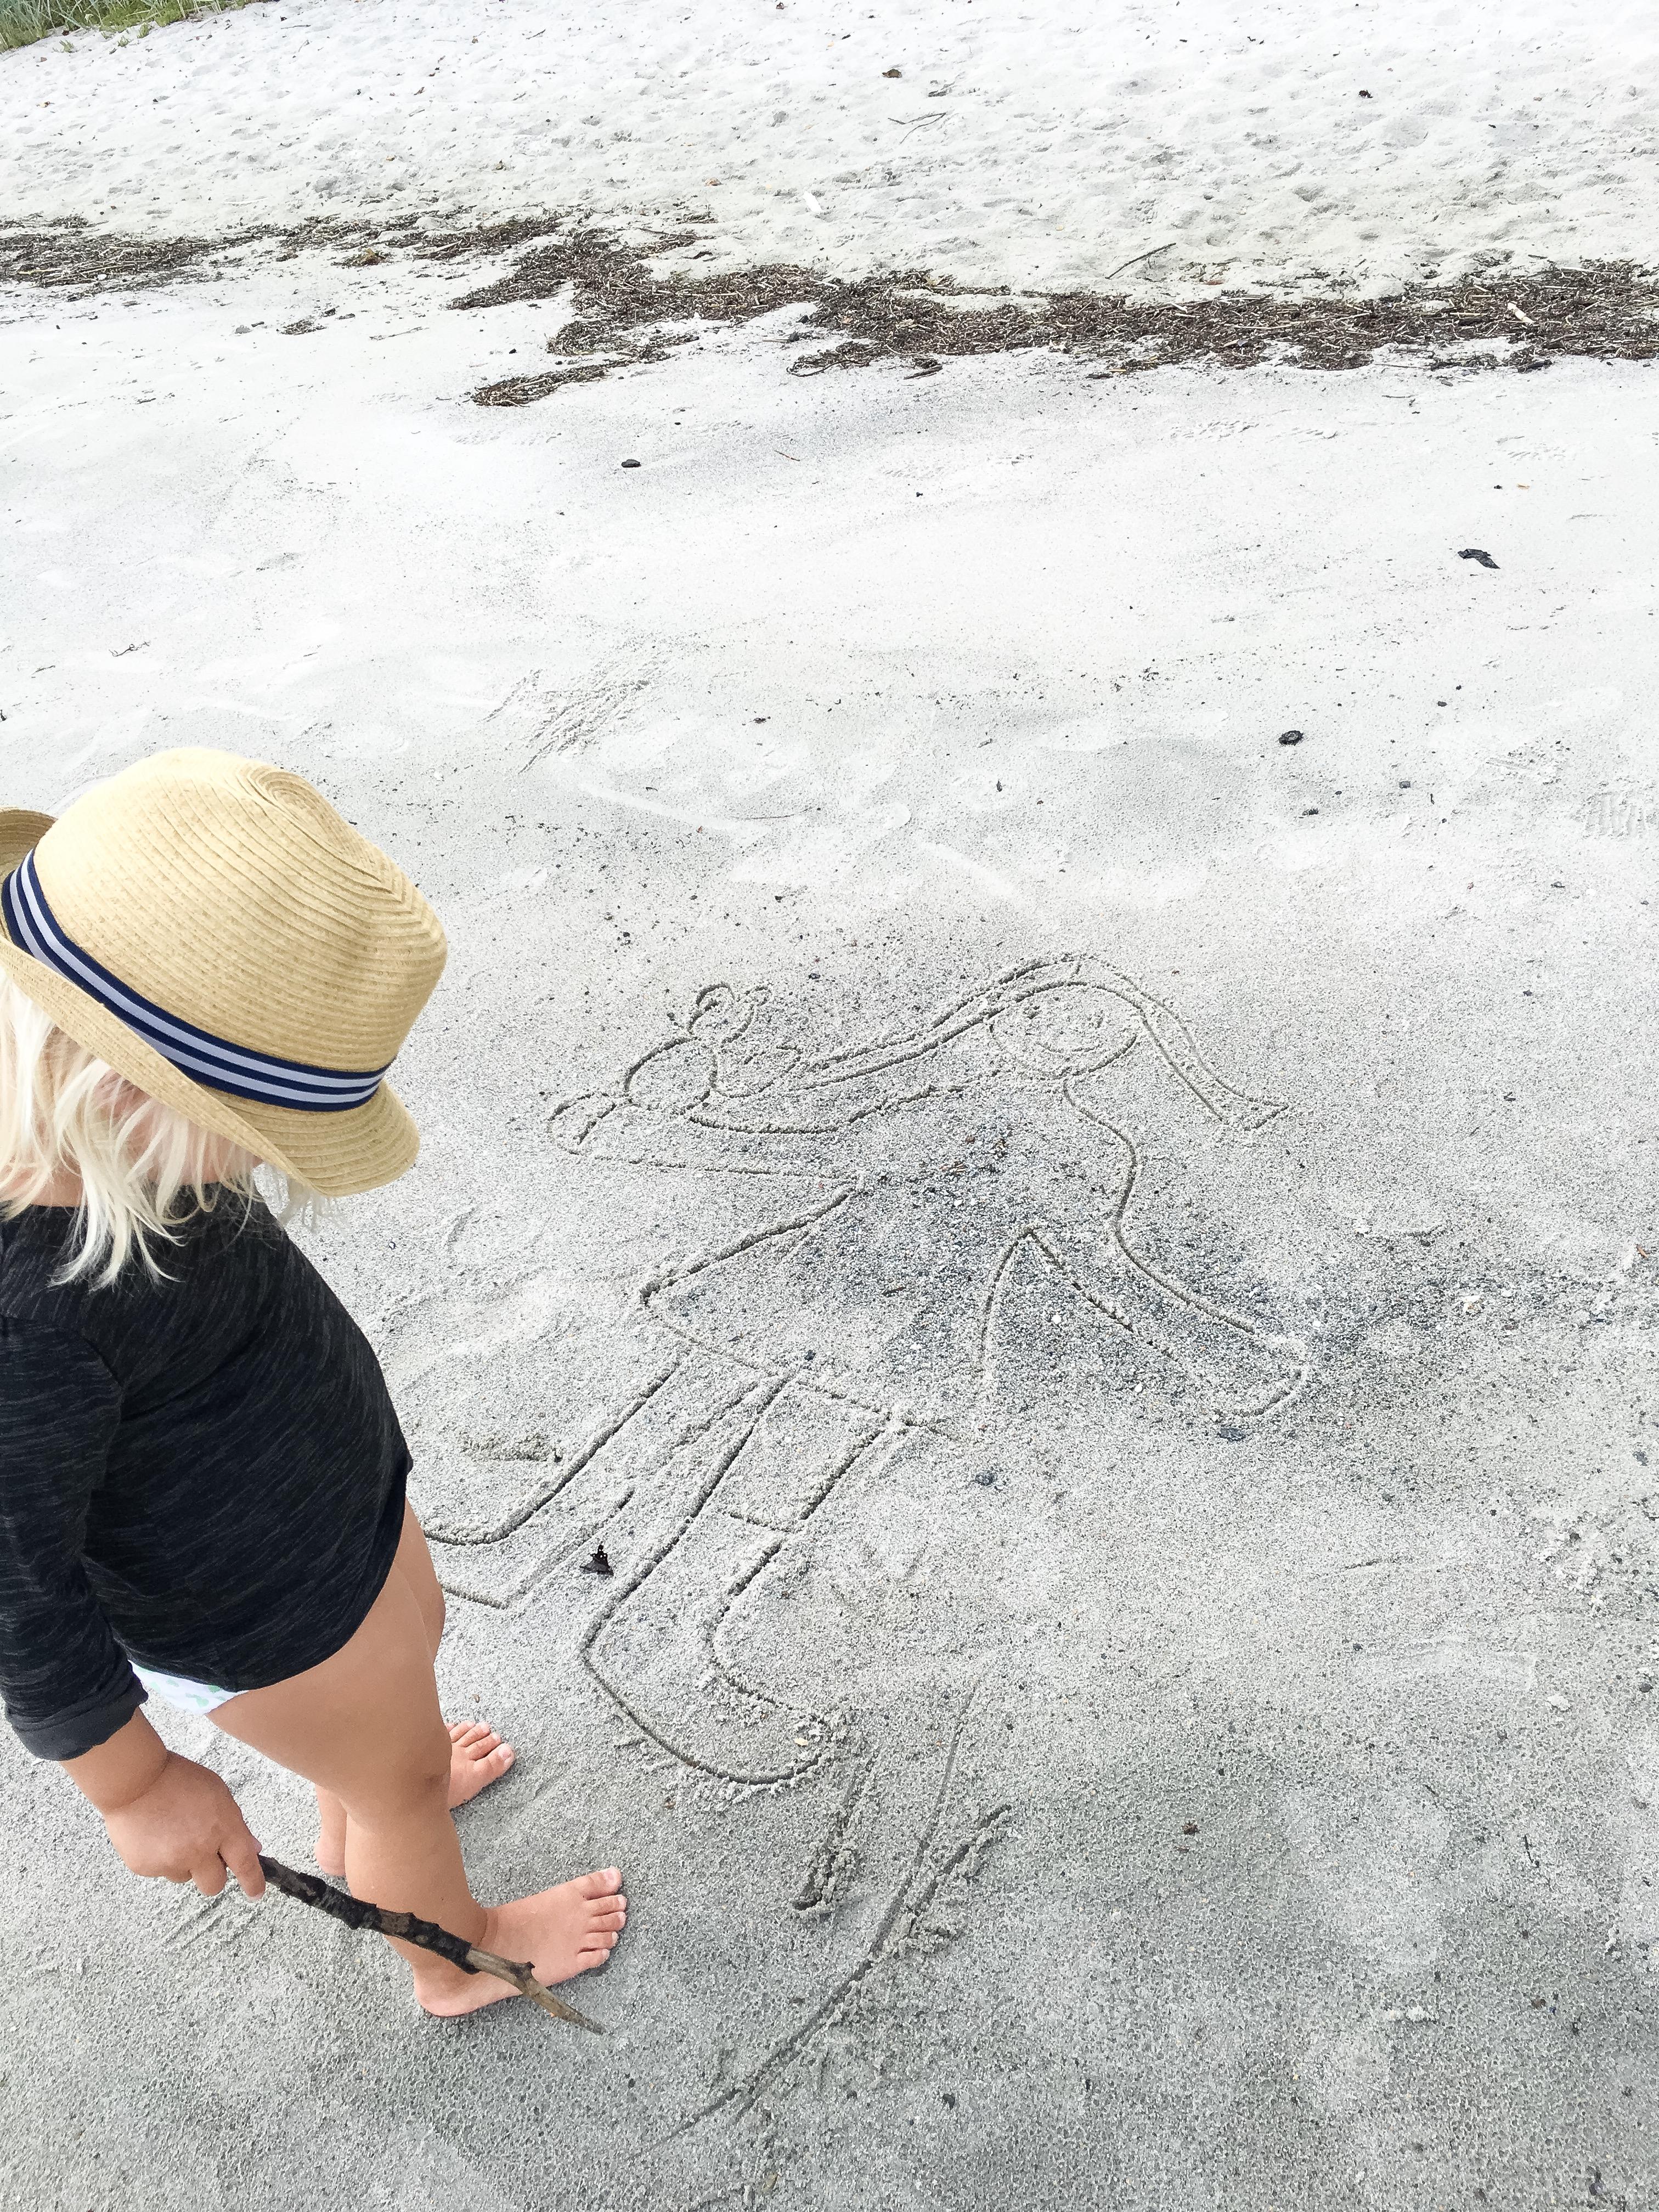 Vid tar en dag på stranden